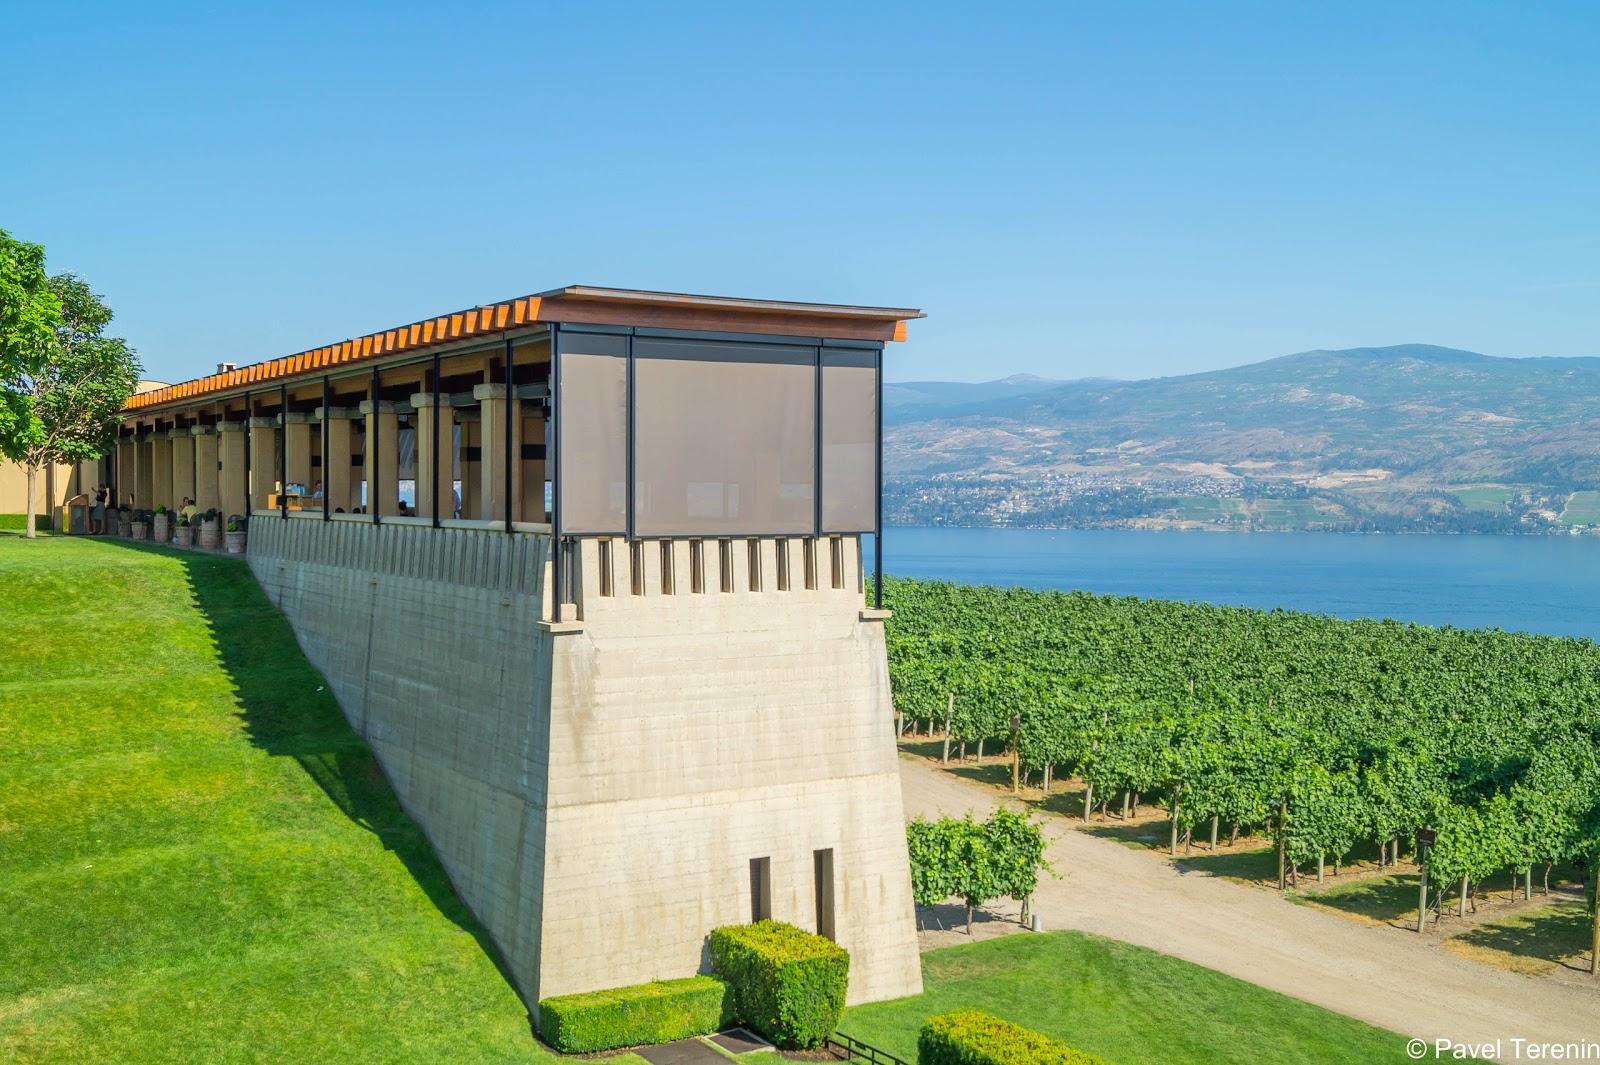 Долина озера Оканаган считается самым обширным и важным винодельческим регионом Канады